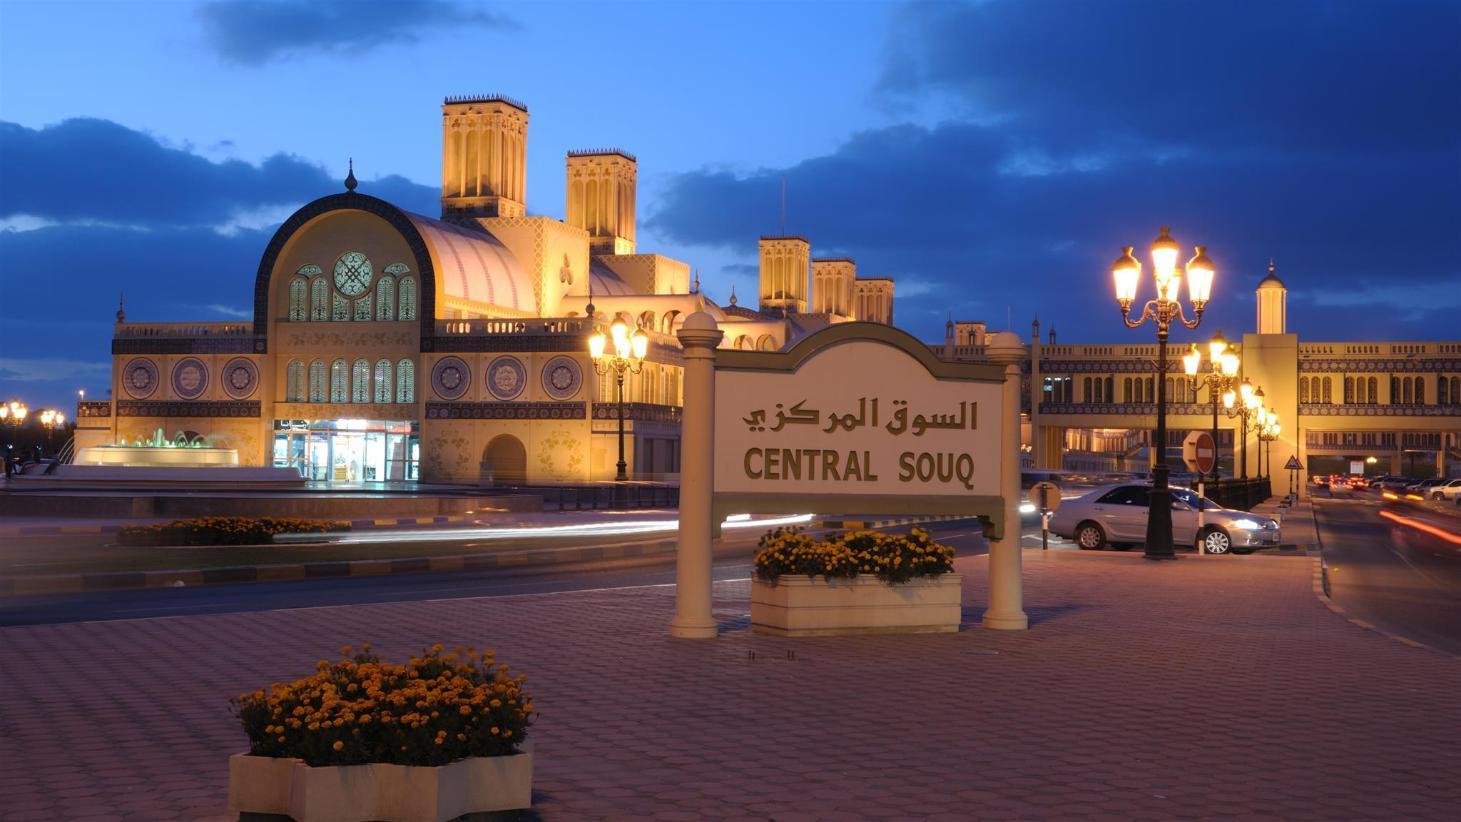 6499826e6 فنادق الشارقة الامارات العربية المتحدة حجز فنادق شقق فلل في الشارقة ...